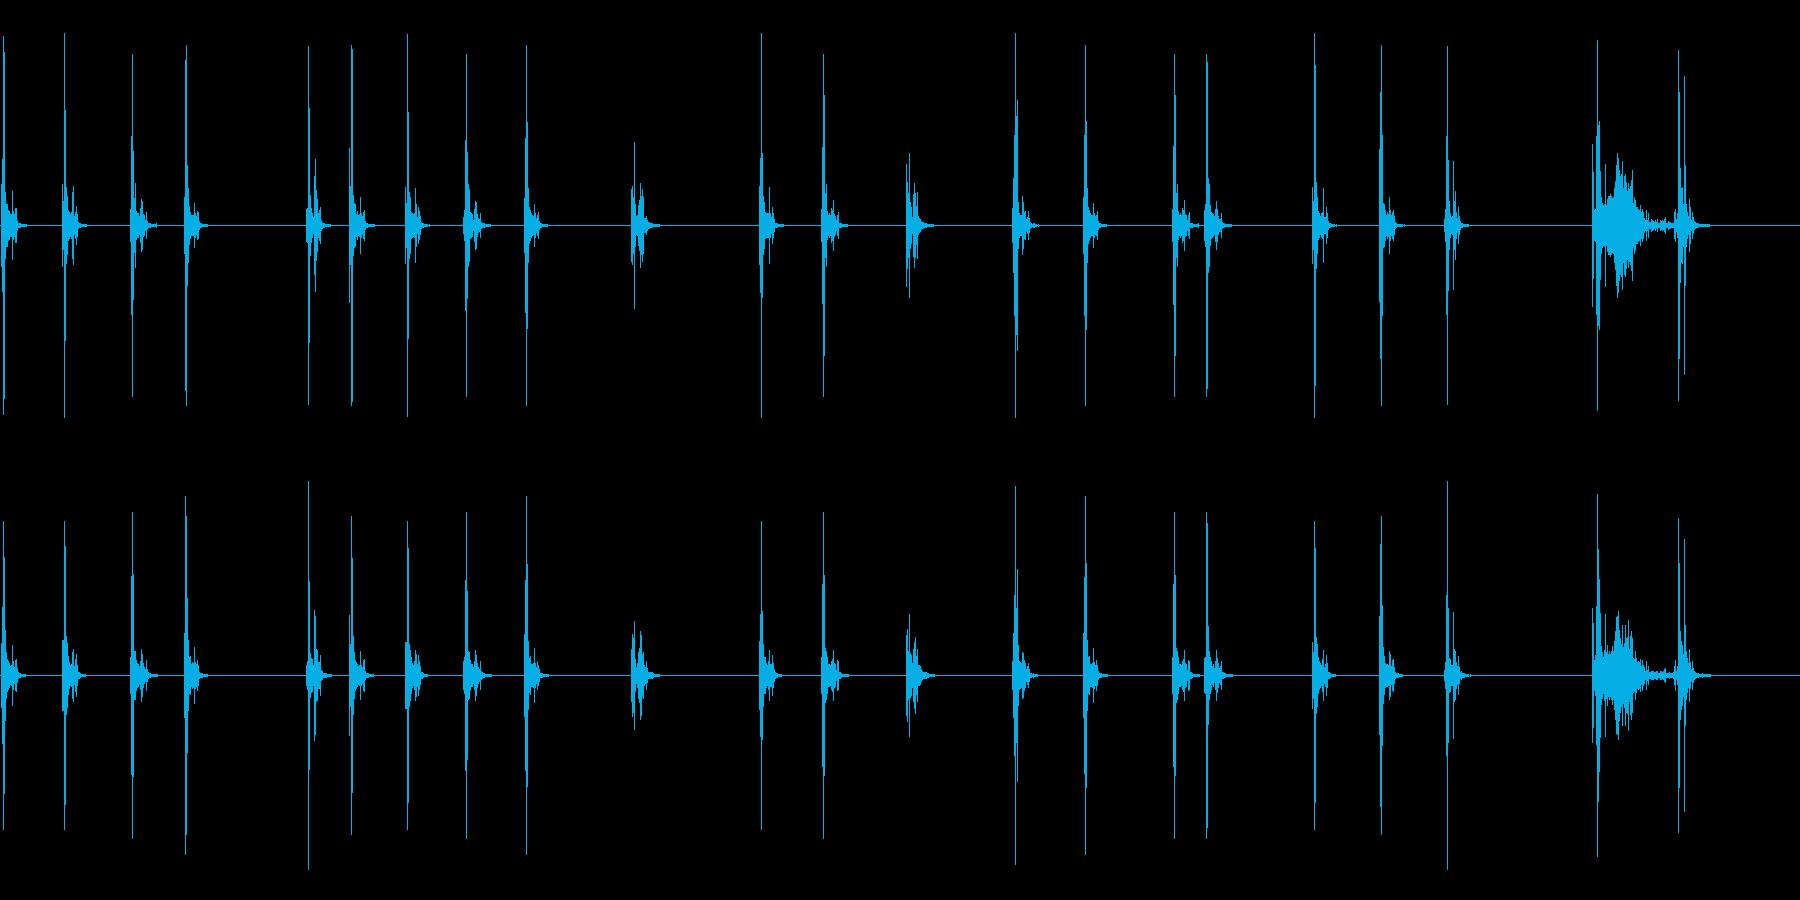 【タイプライターを打つ】ゆっくりとの再生済みの波形